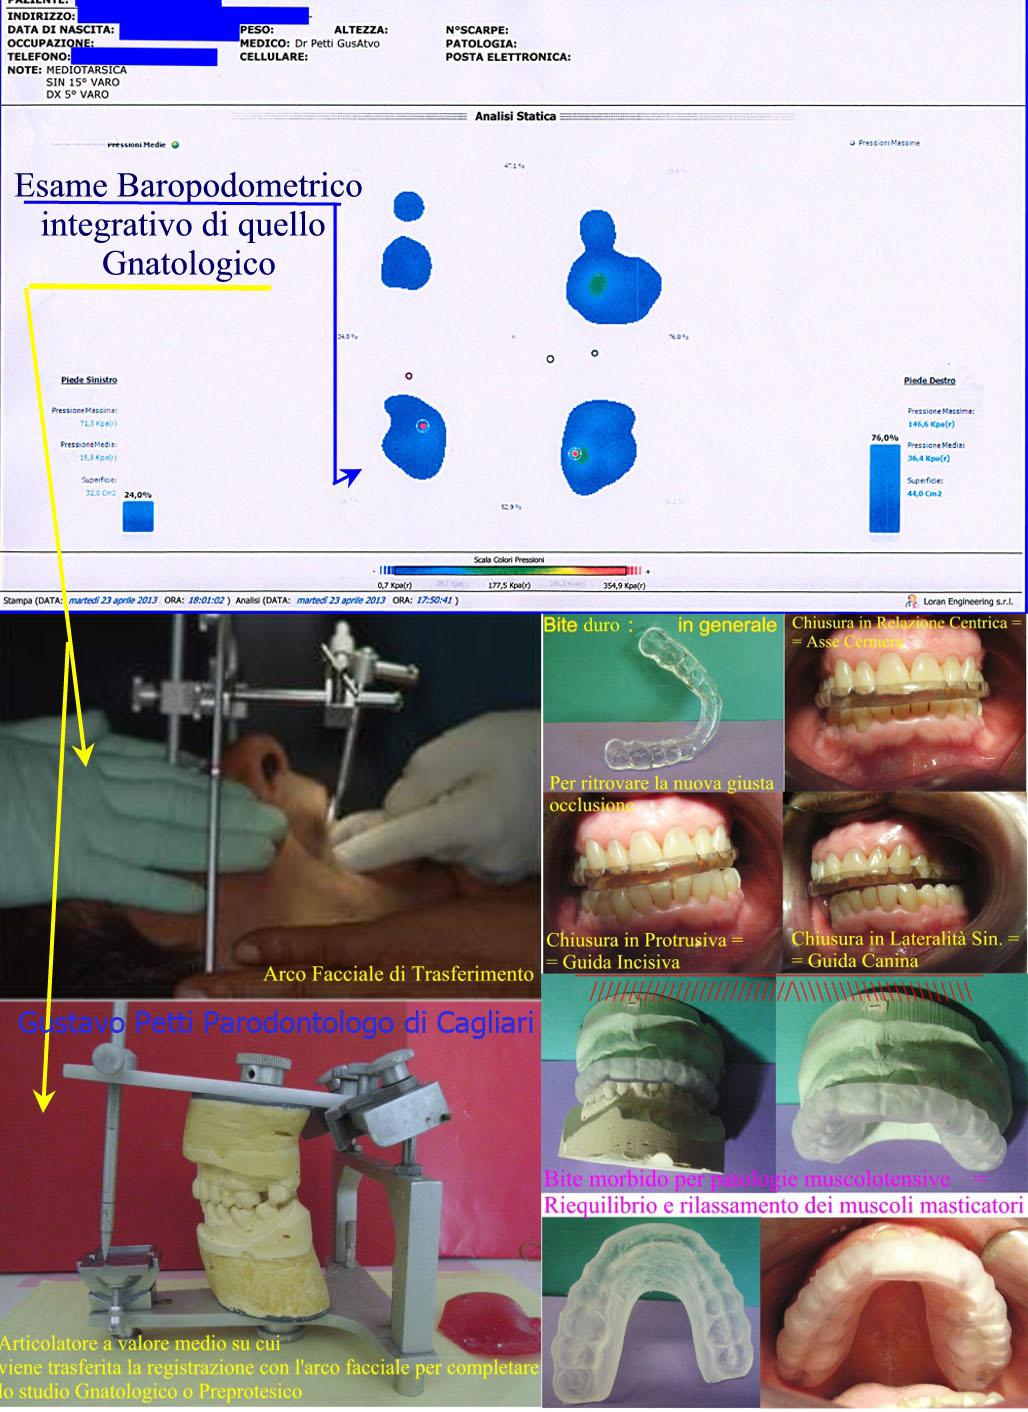 analisi-gnatologica-dr-g.petti-cagliari-206.jpg